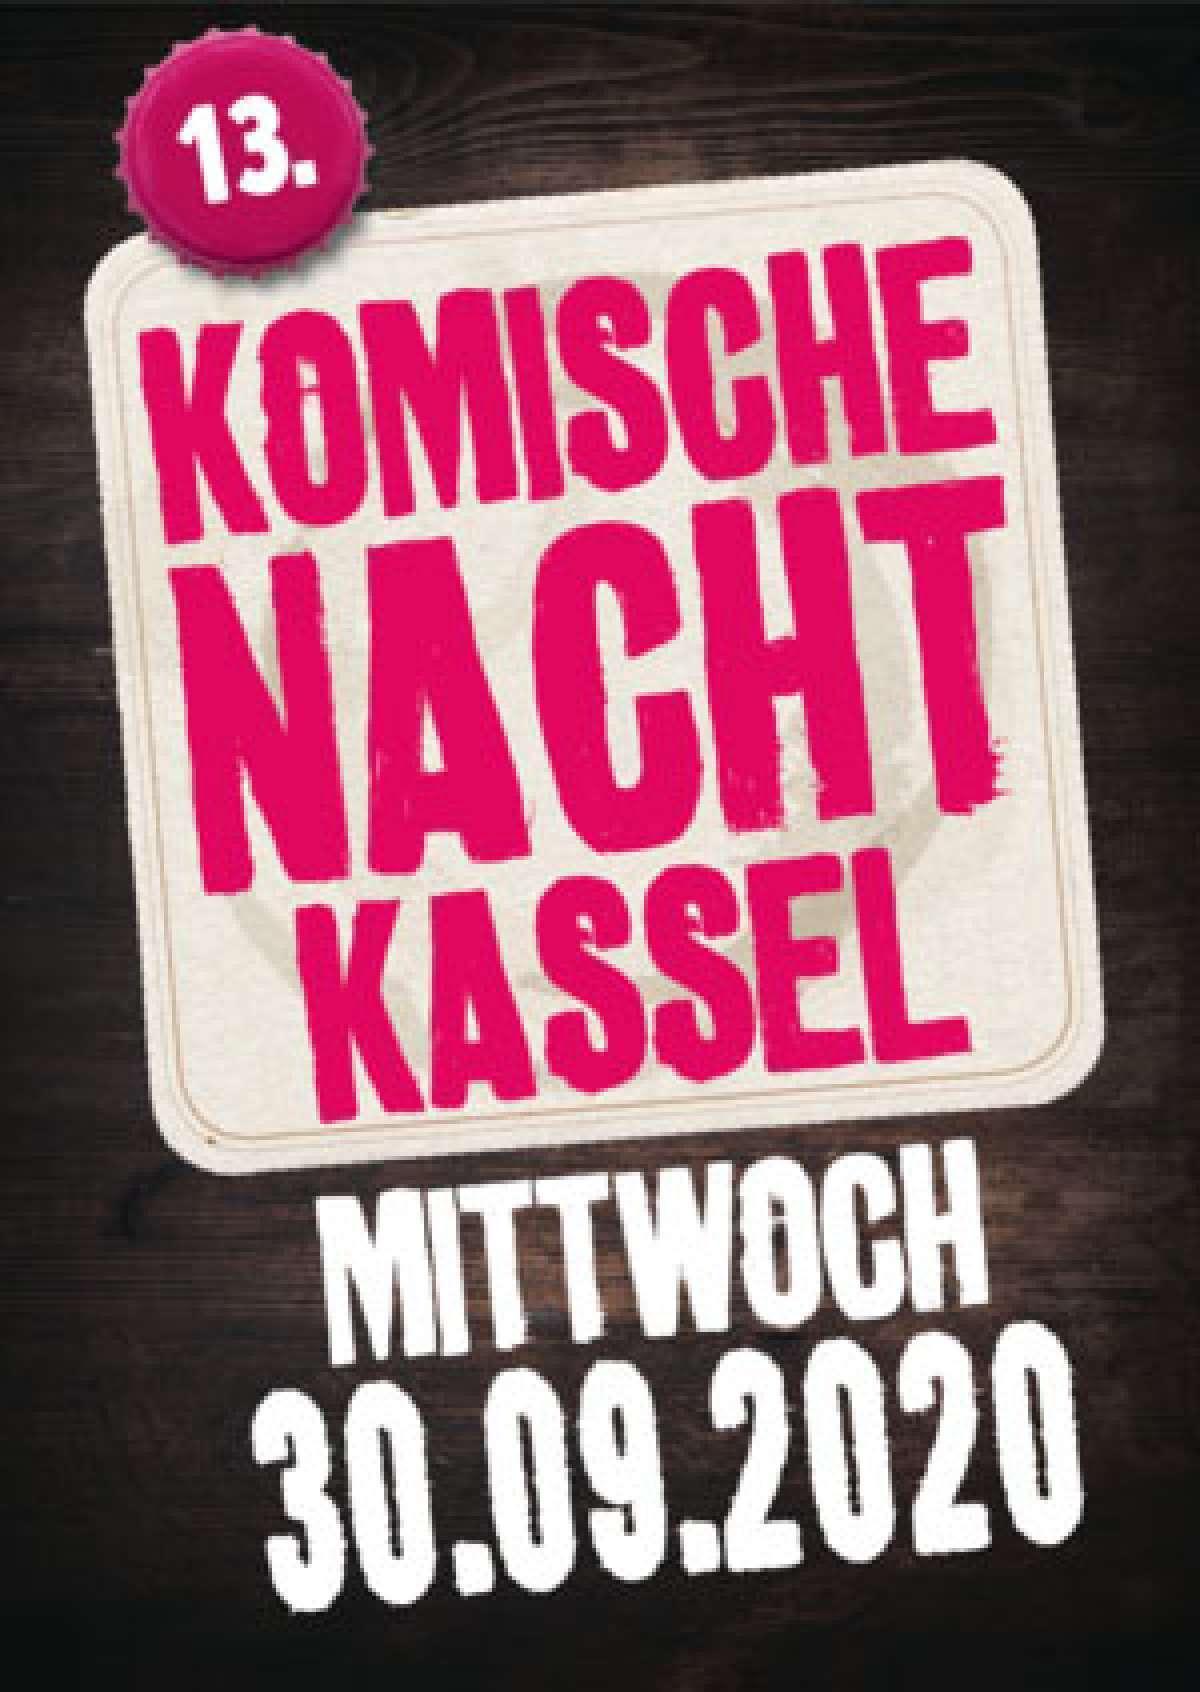 Komische Nacht - Comedy-Marathon - Diverse - Detail-Infos folgen - Orangerie  - Kassel